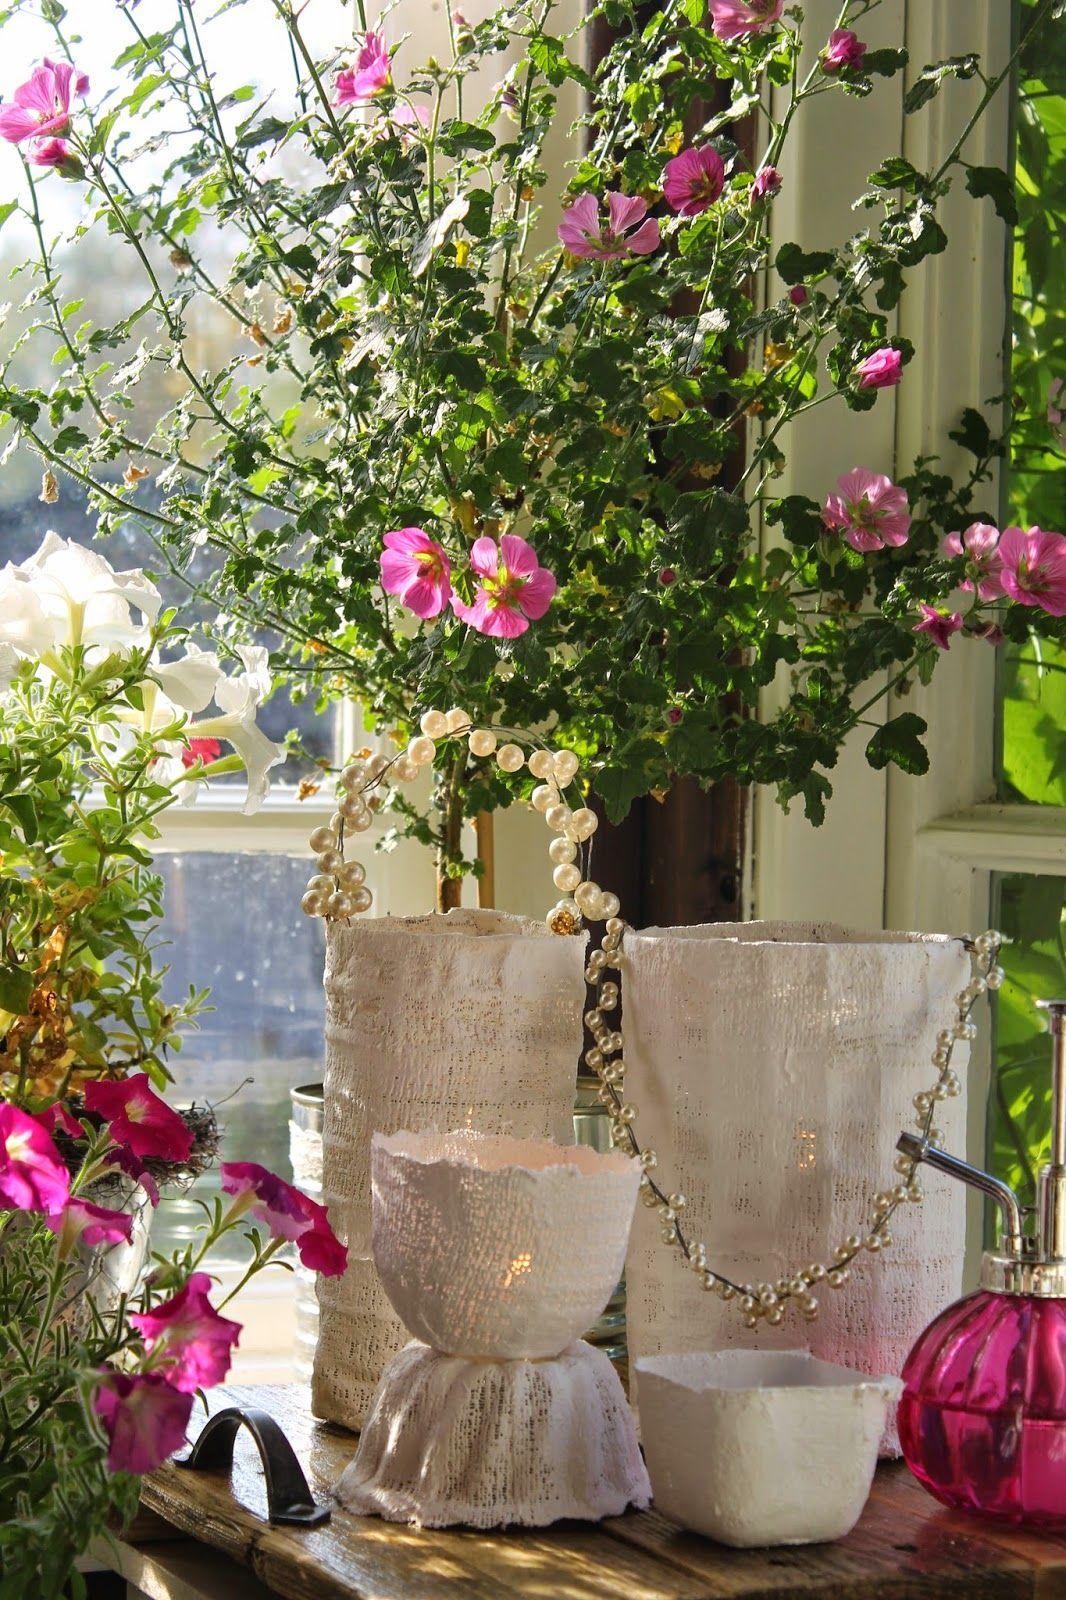 Kotipellolla..: ..jatkojalostusta & lintupaistia..